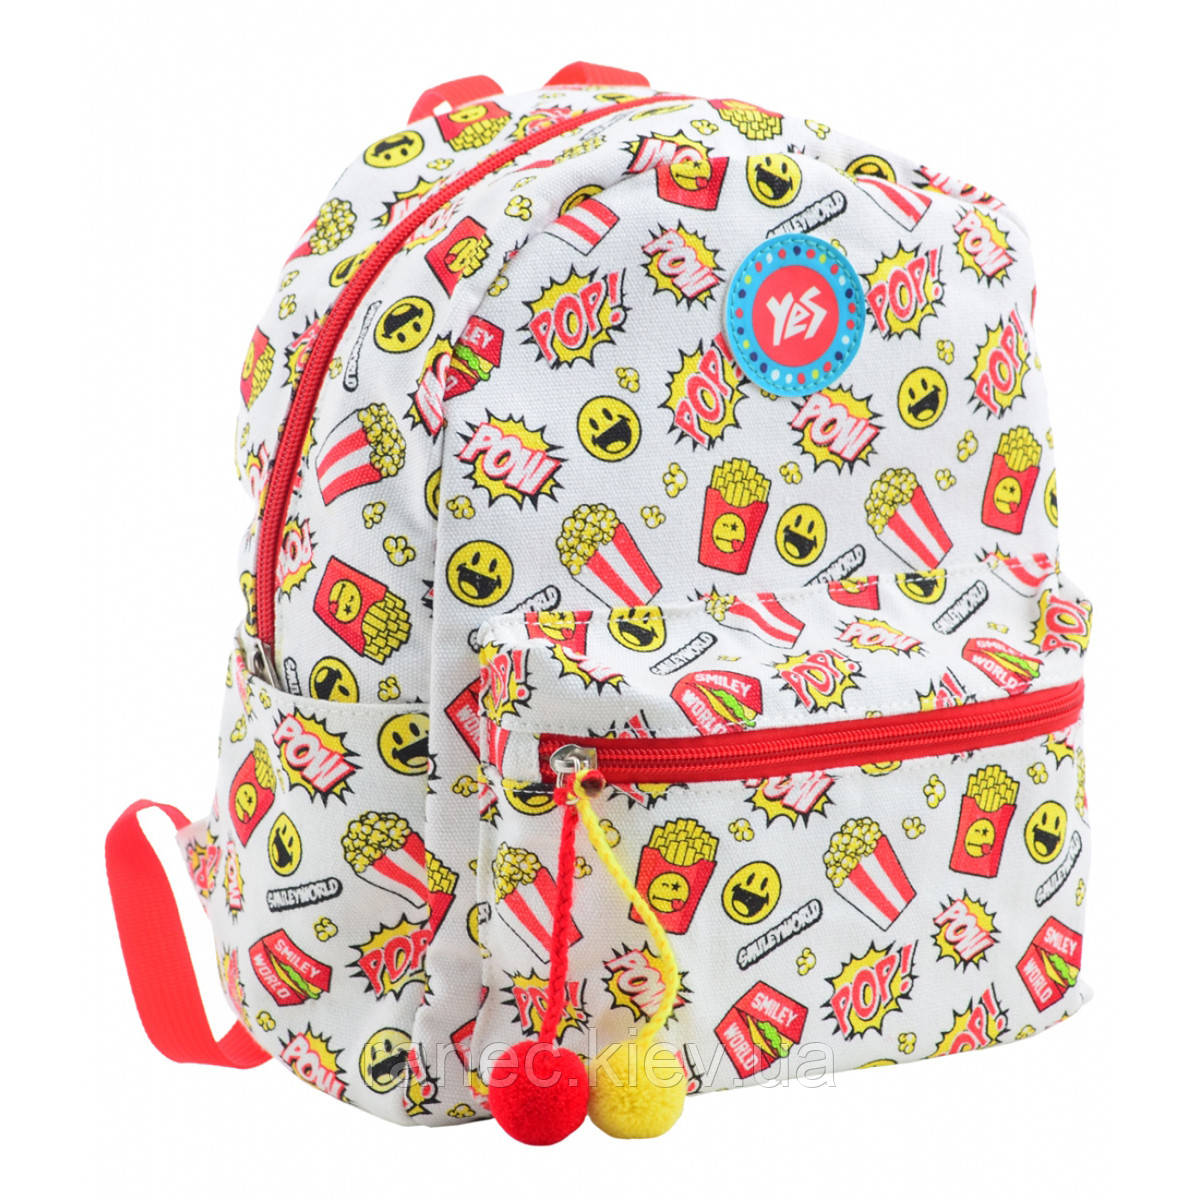 Рюкзак молодежный ST-32 POW 28*22*12 555435 Yes